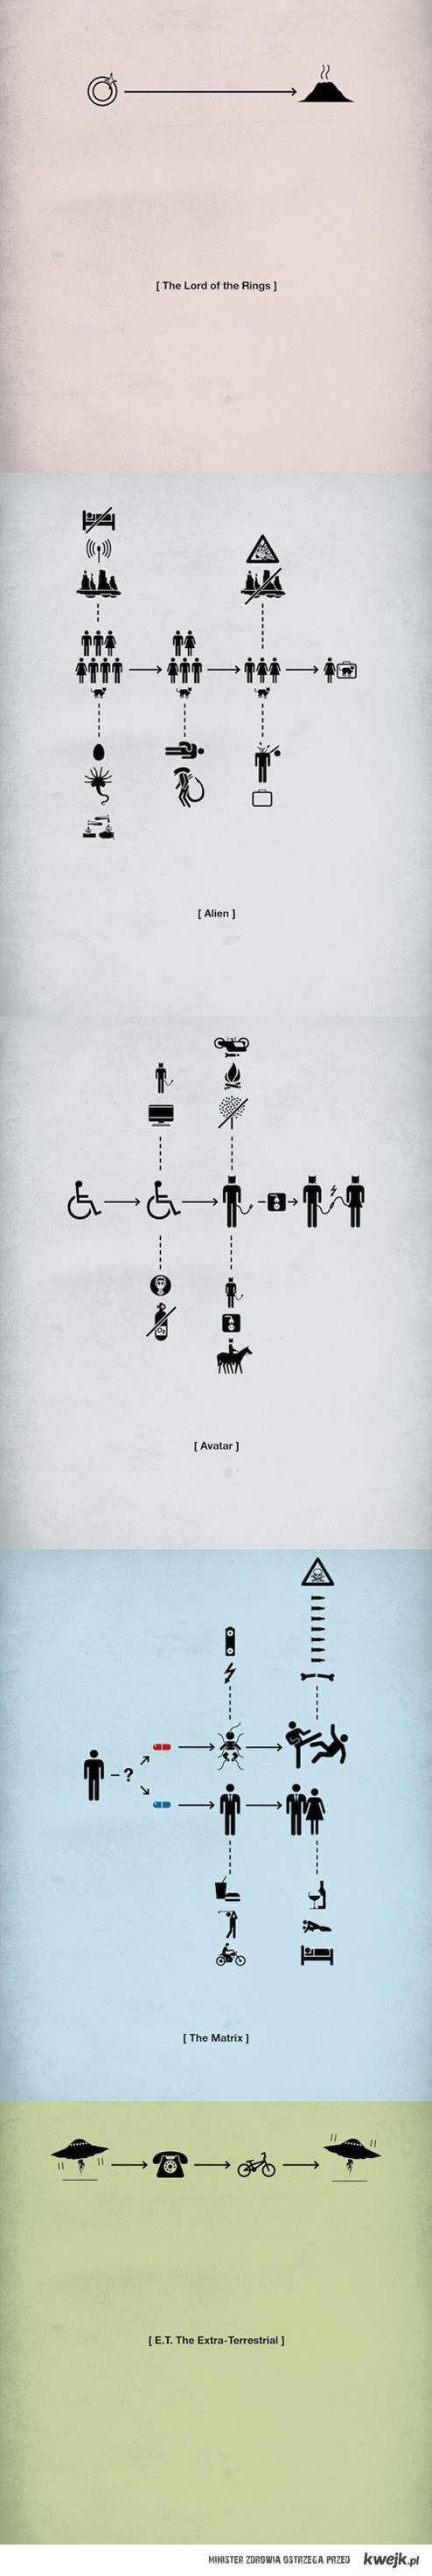 Minimalizm na plakatach filmowych